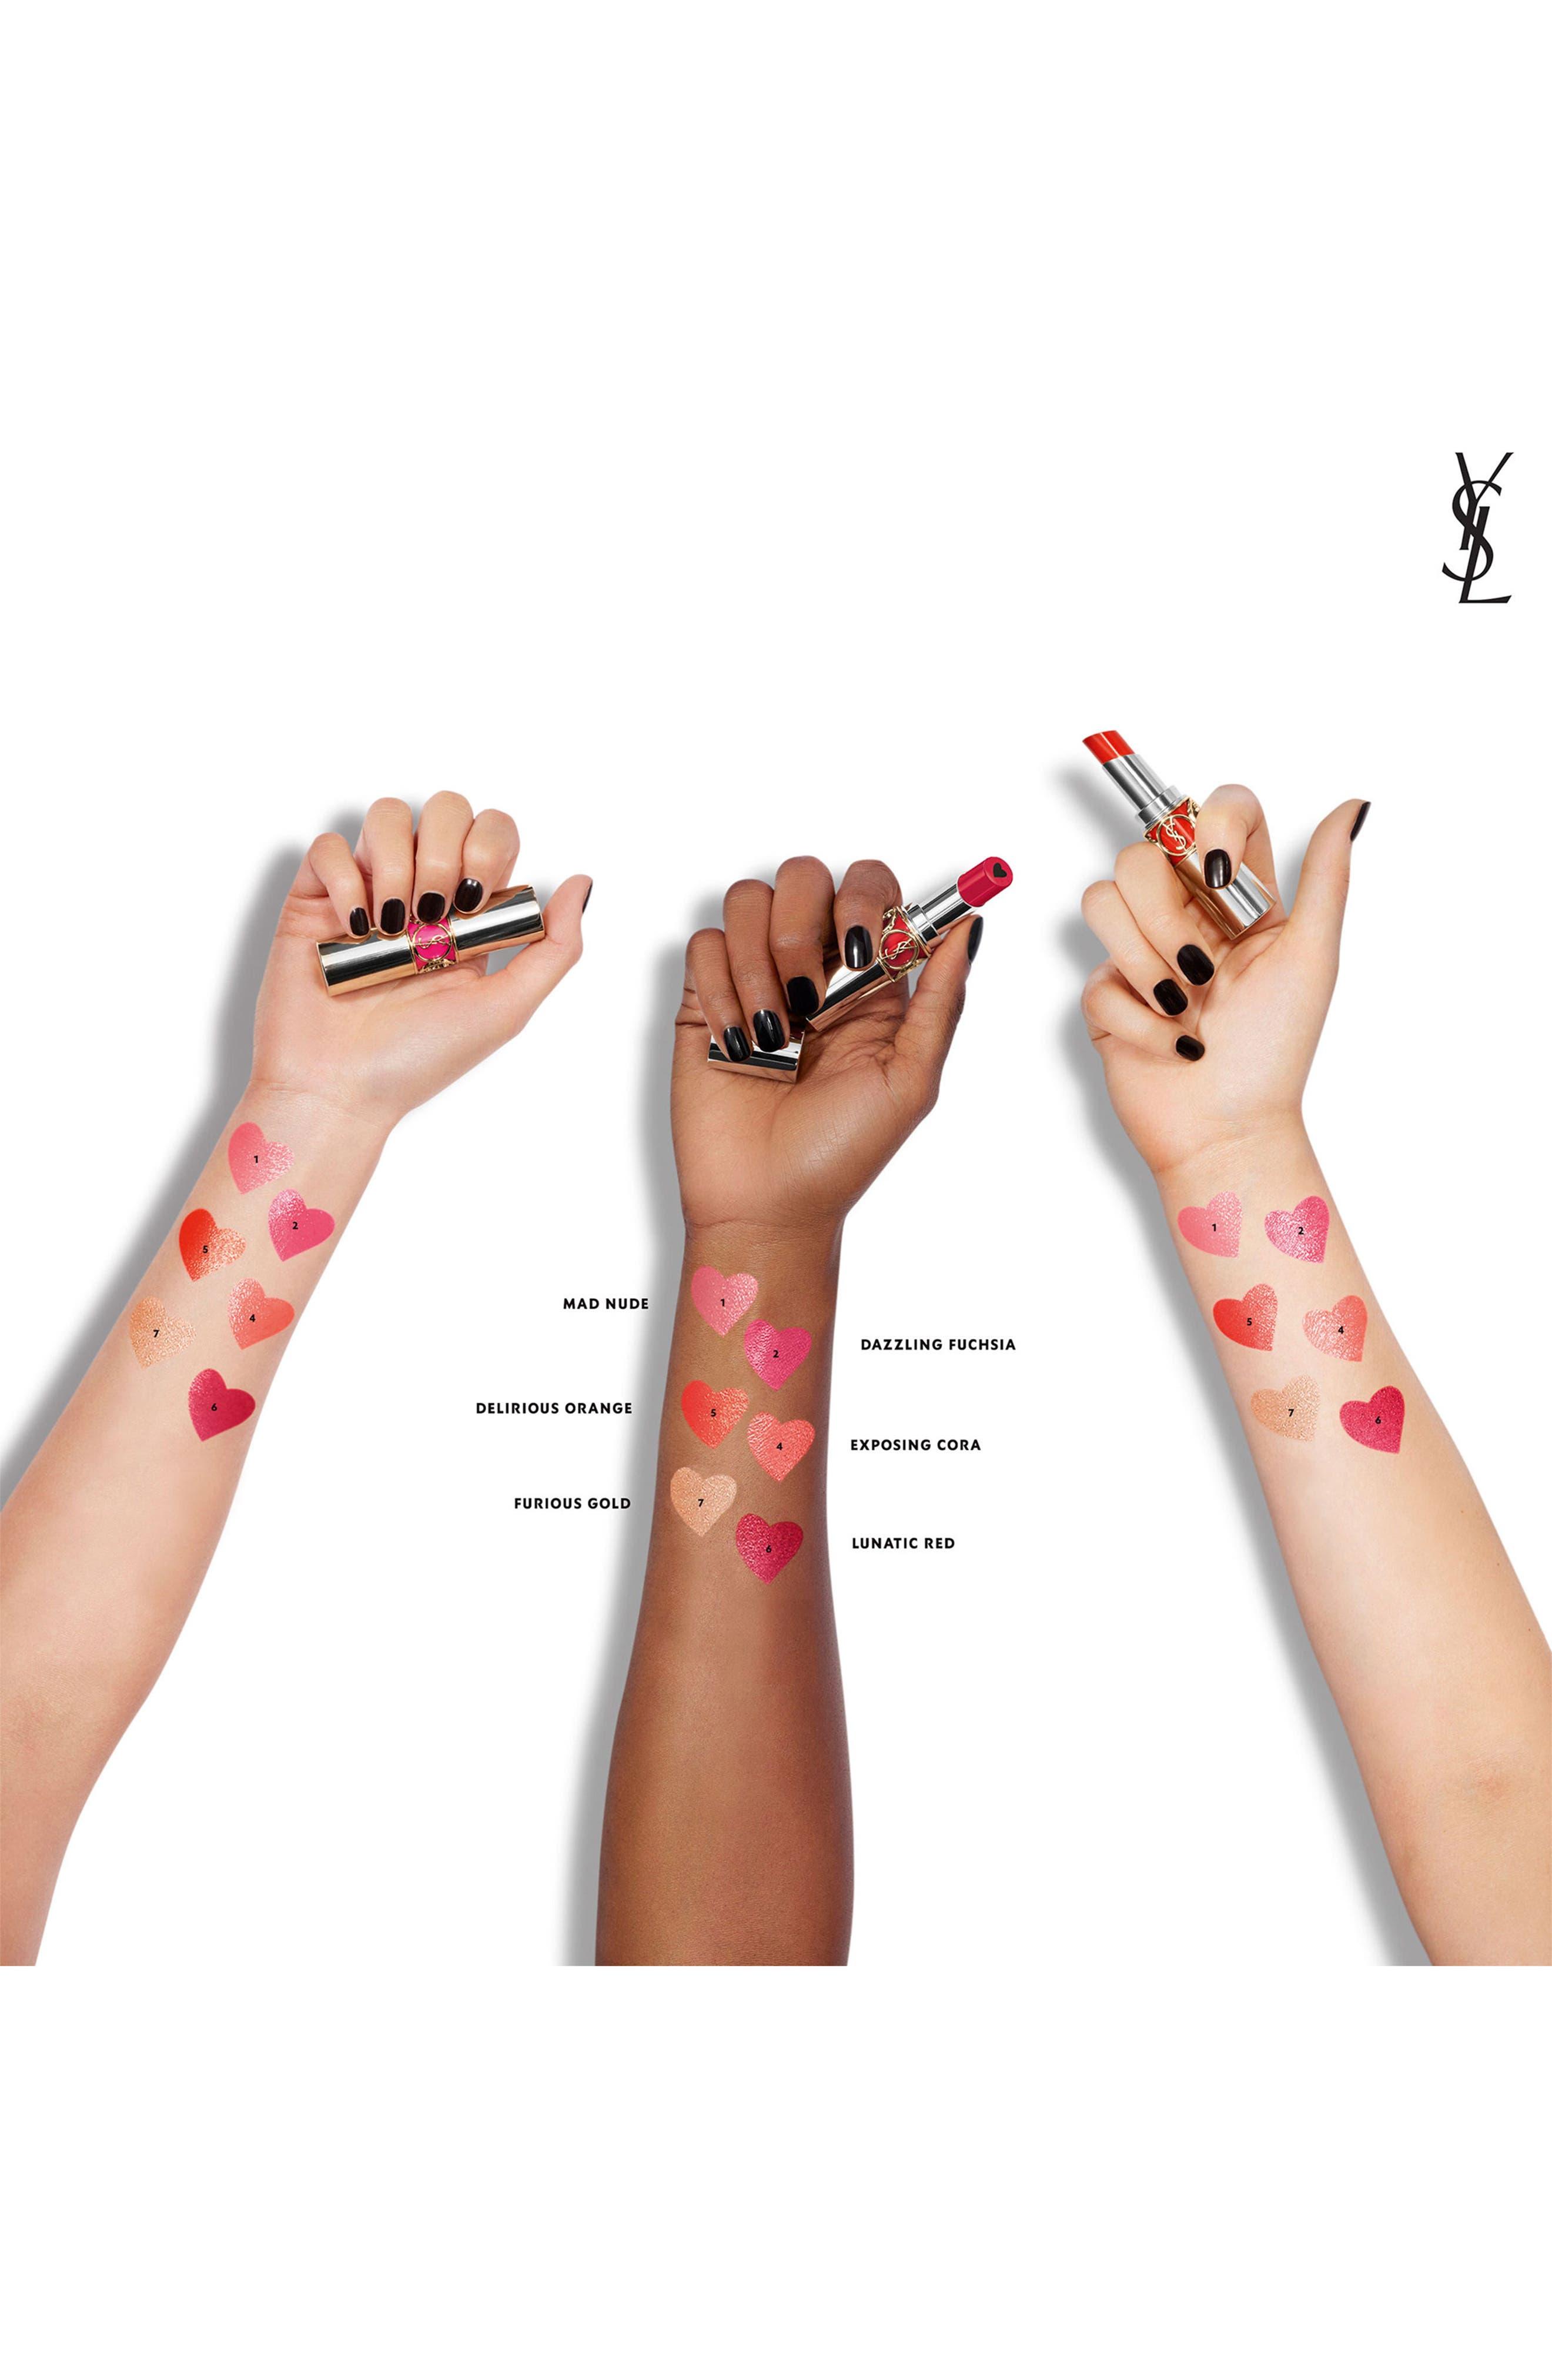 YVES SAINT LAURENT, Volupté Plump-in-Color Plumping Lip Balm, Alternate thumbnail 5, color, 06 LUNATIC RED